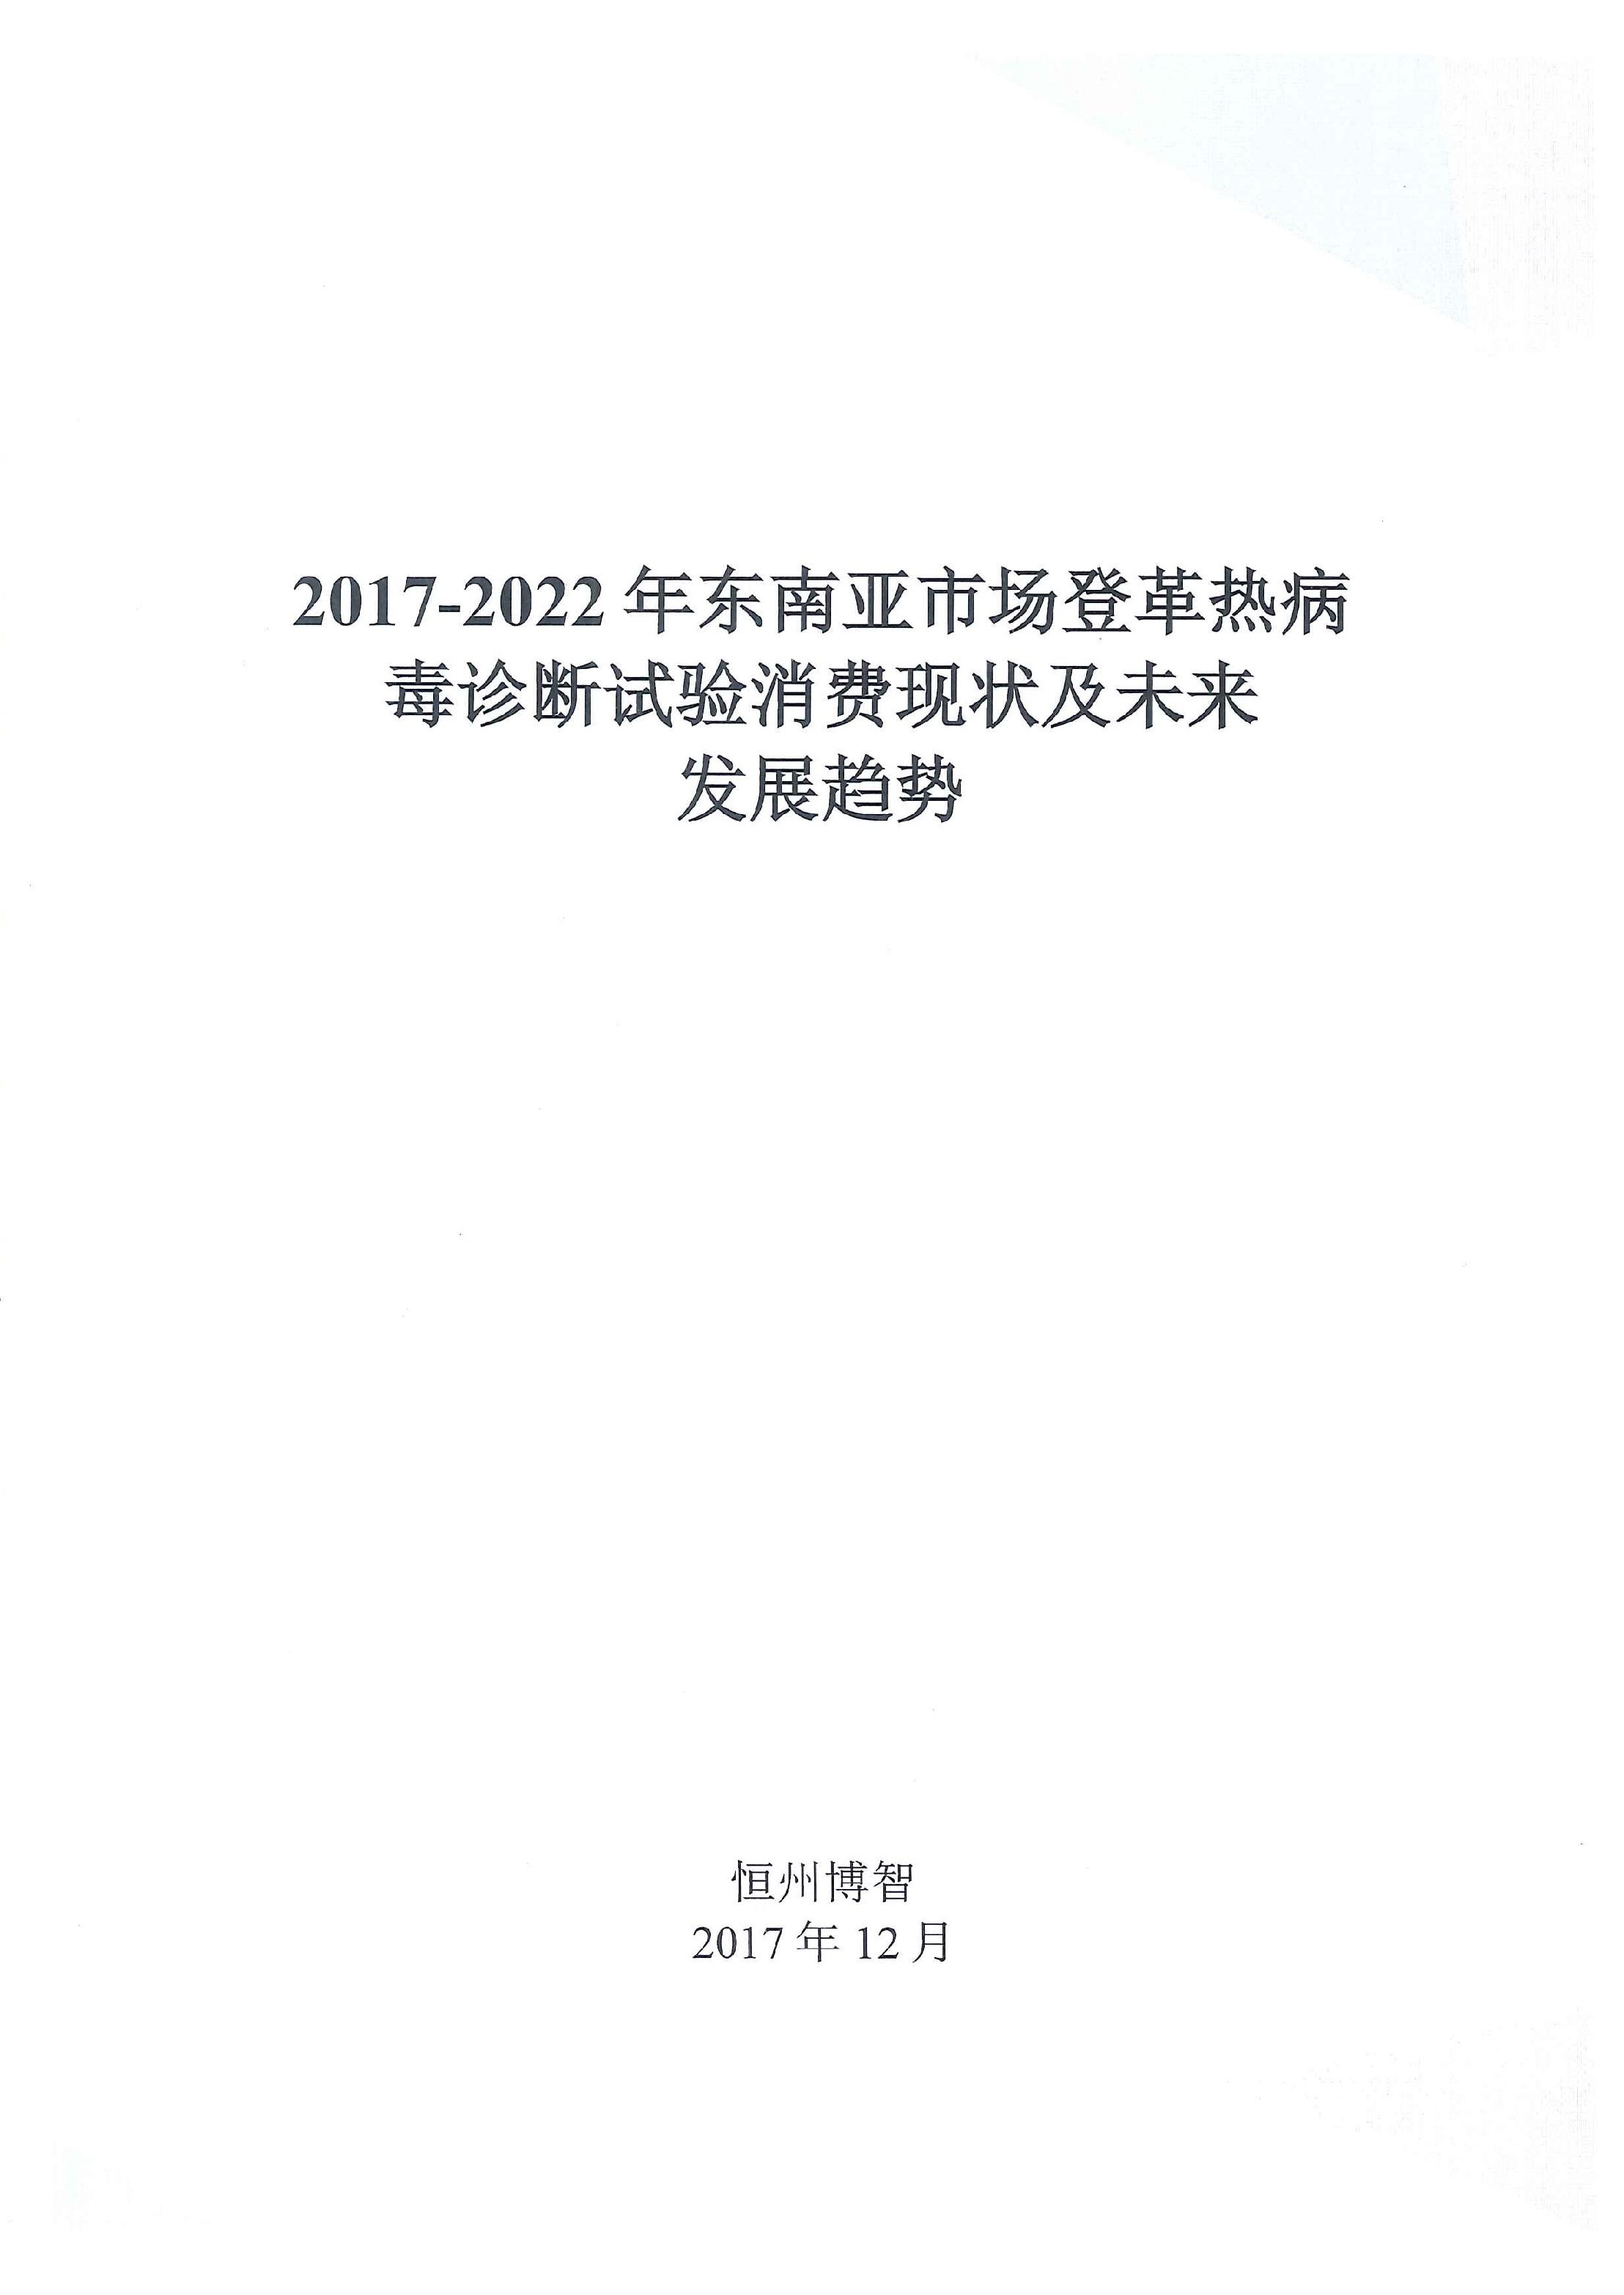 2017-2022年东南亚市场登革热病毒诊断试验消费现状及未来发展趋势 [電子書]